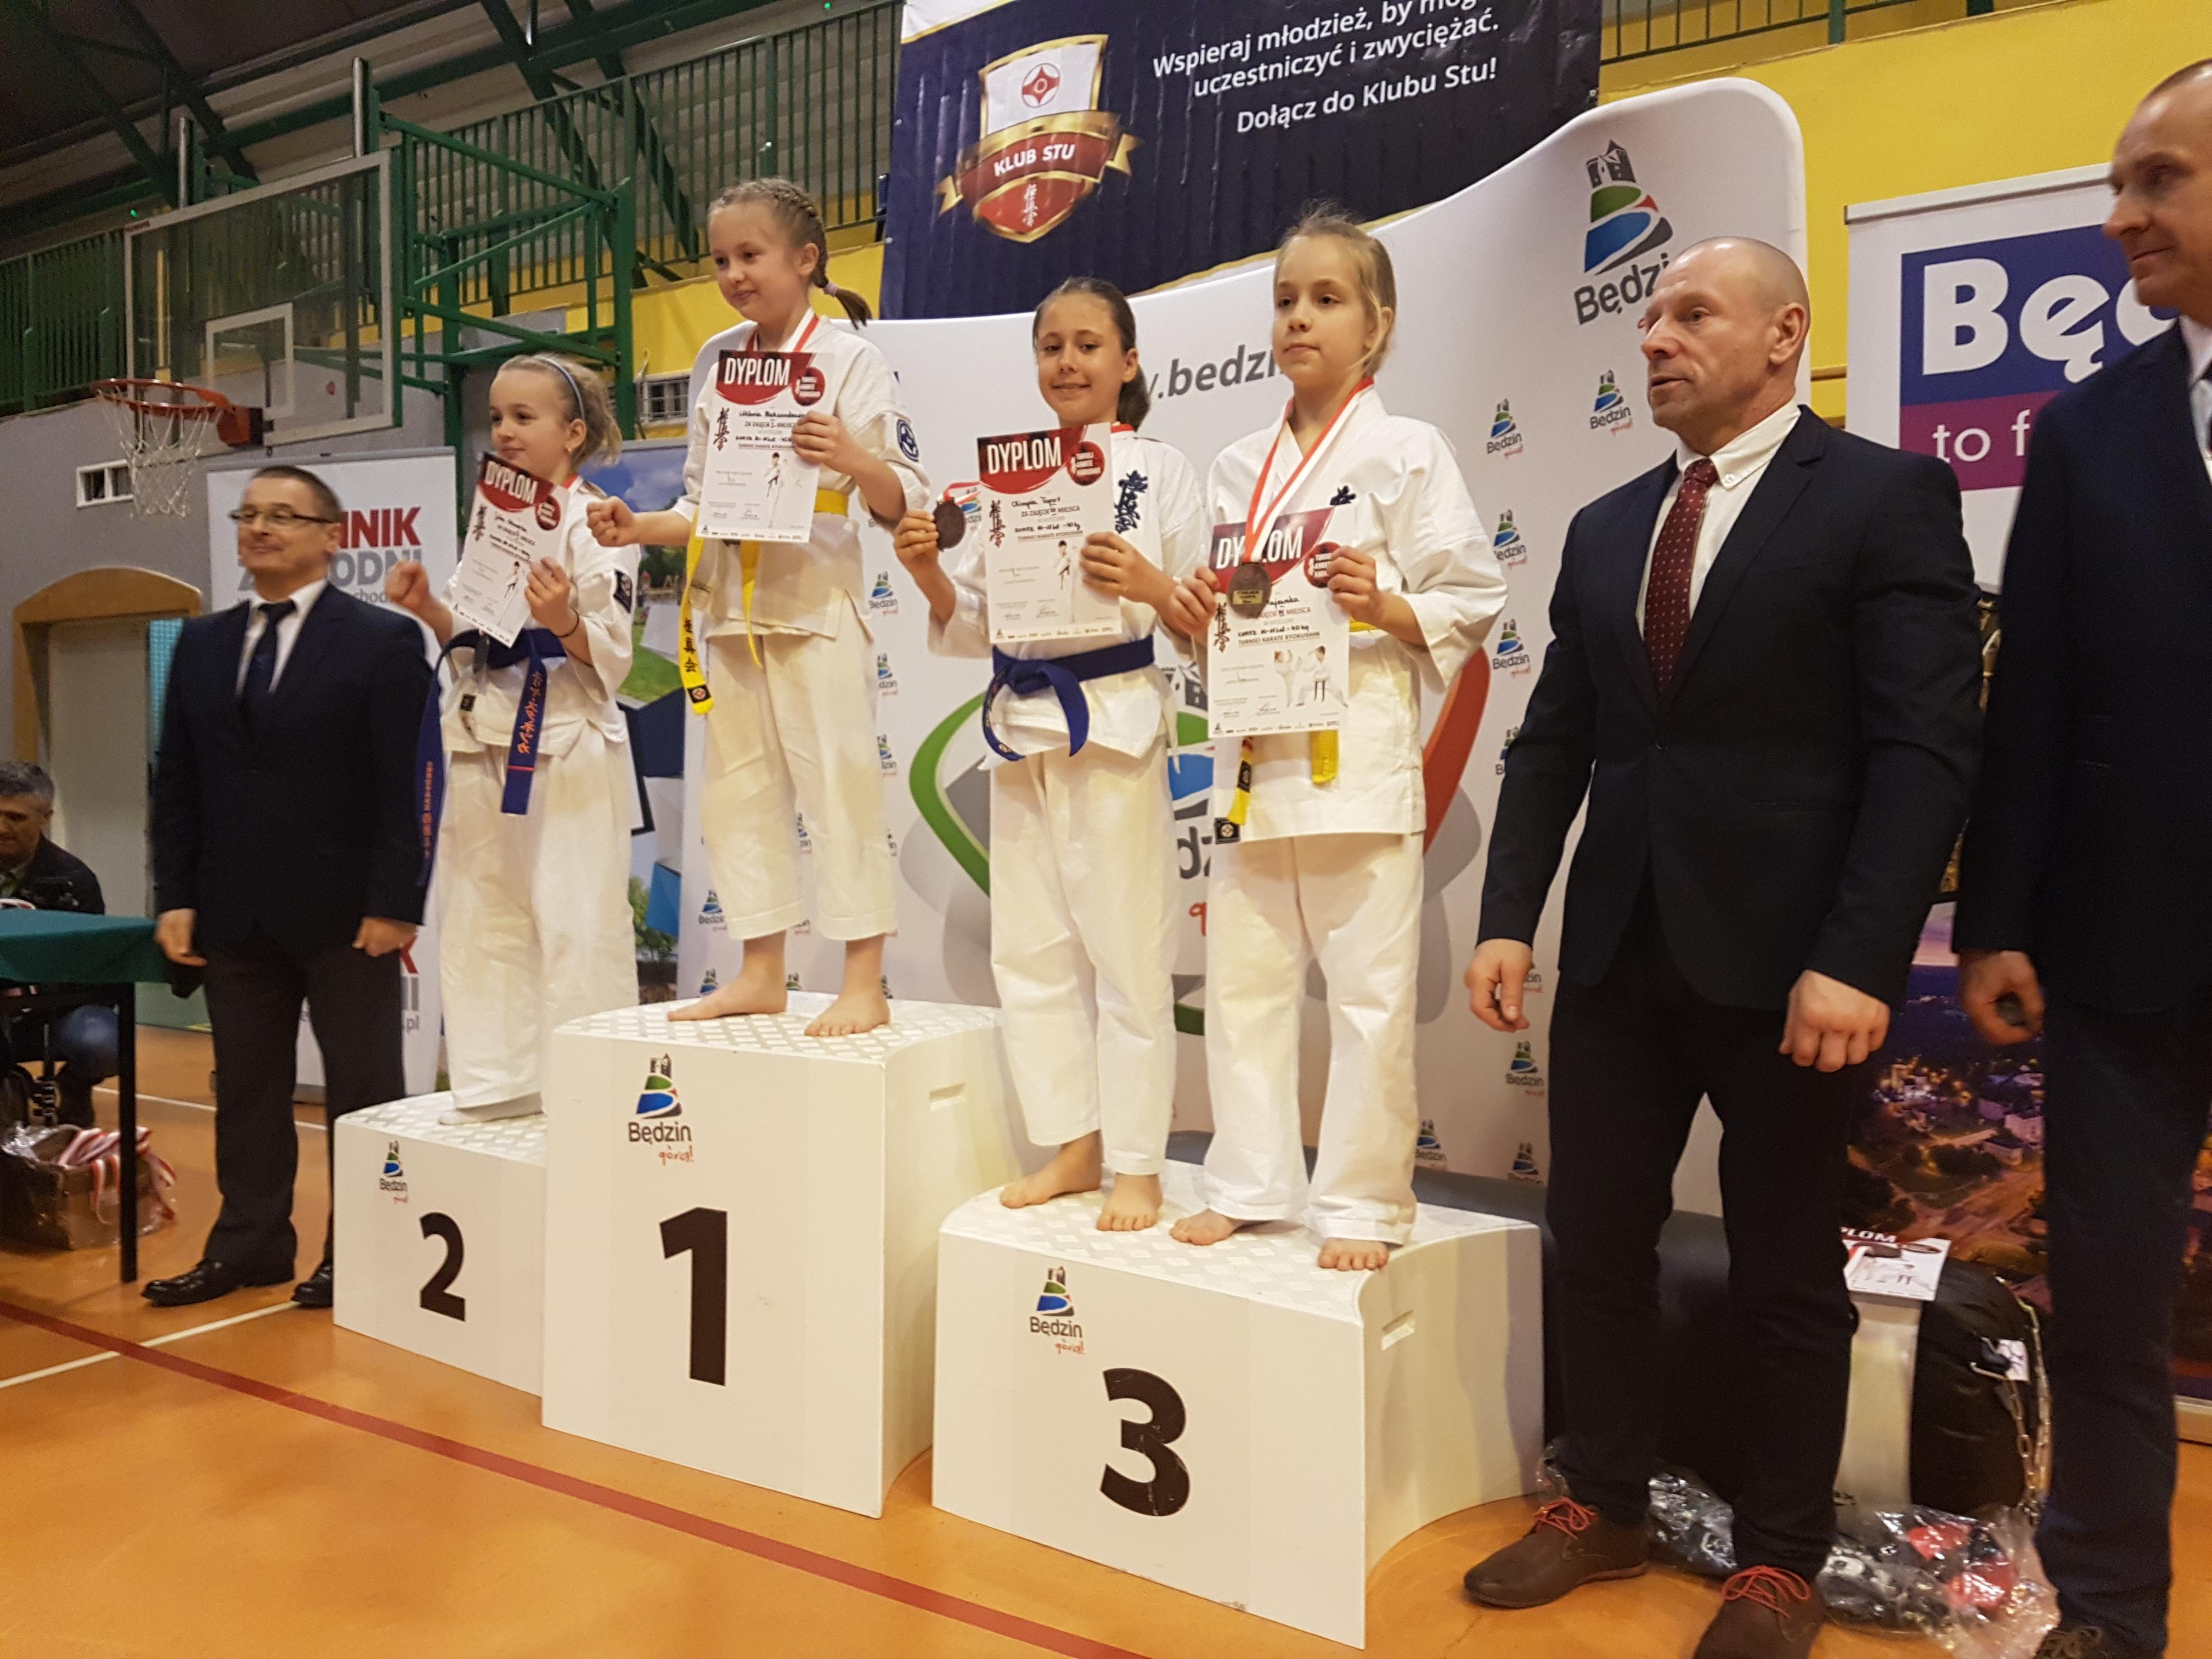 II_Turniej_Karate_w_Będzinie_2019_7.jpg